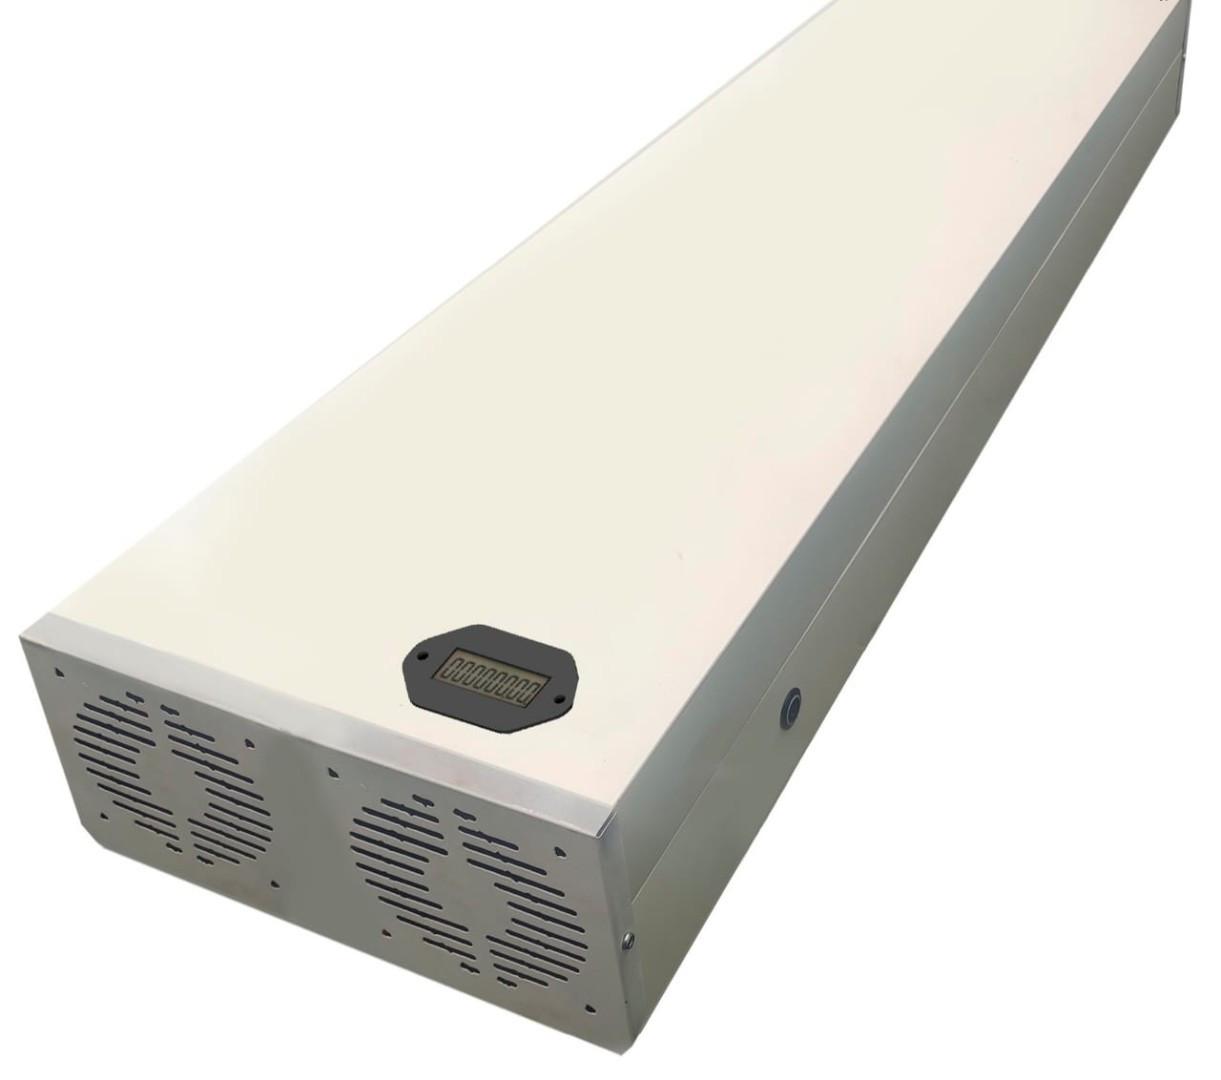 Бактерицидный рециркулятор до 200 м3/ч BioBox РВ-1 4х30